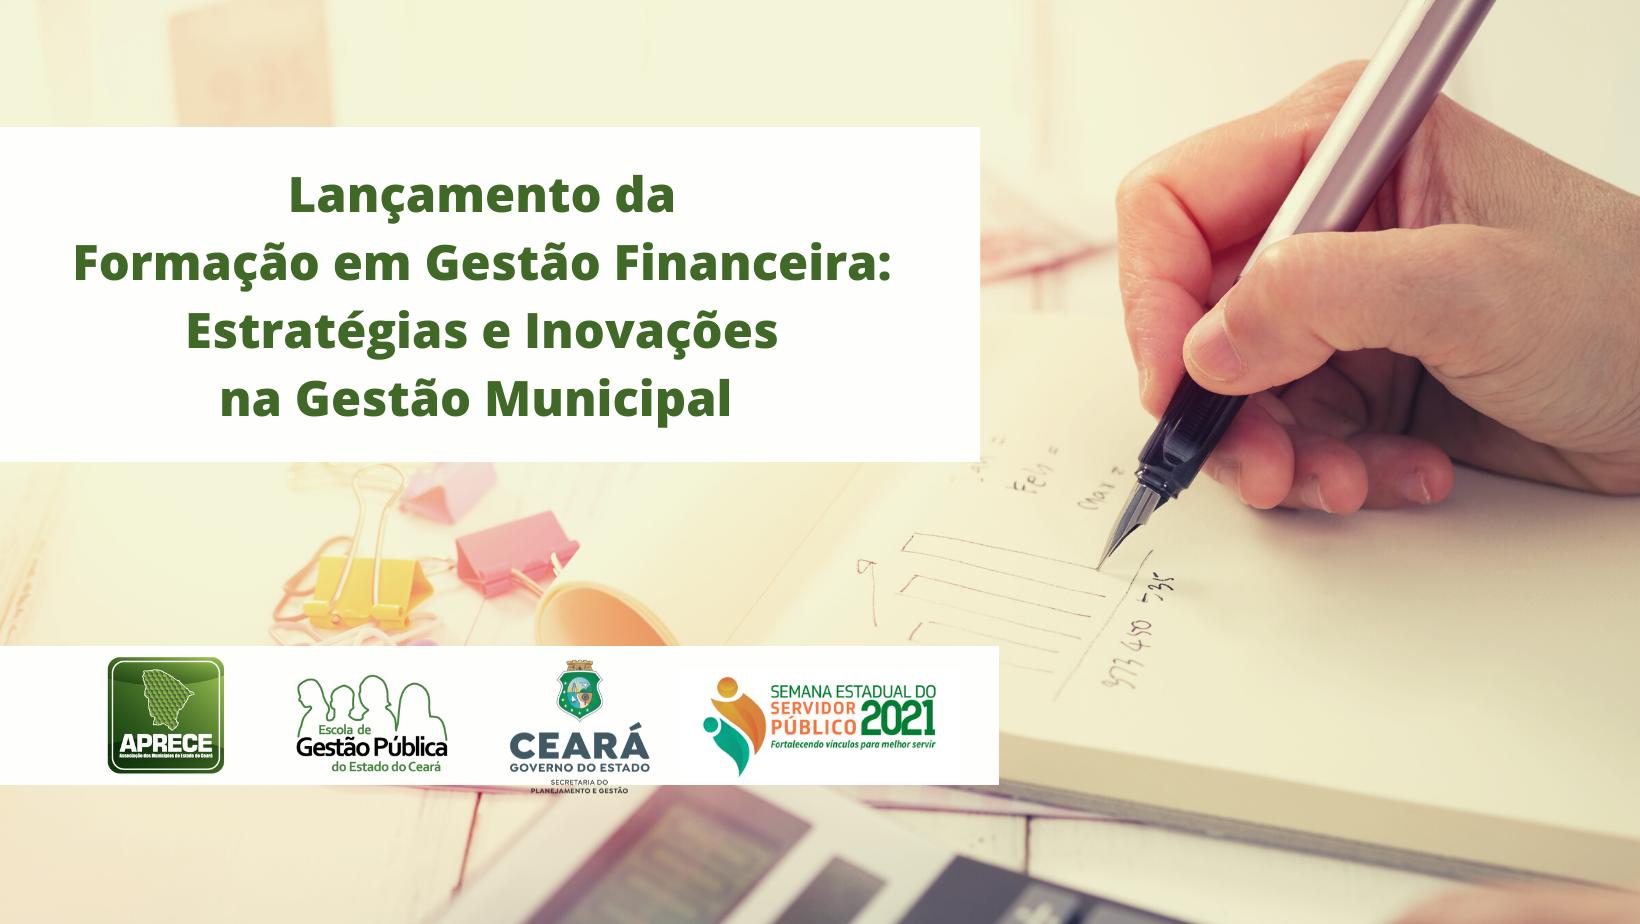 EGPCE realizará lançamento da Formação em Gestão Financeira em parceria com a Aprece